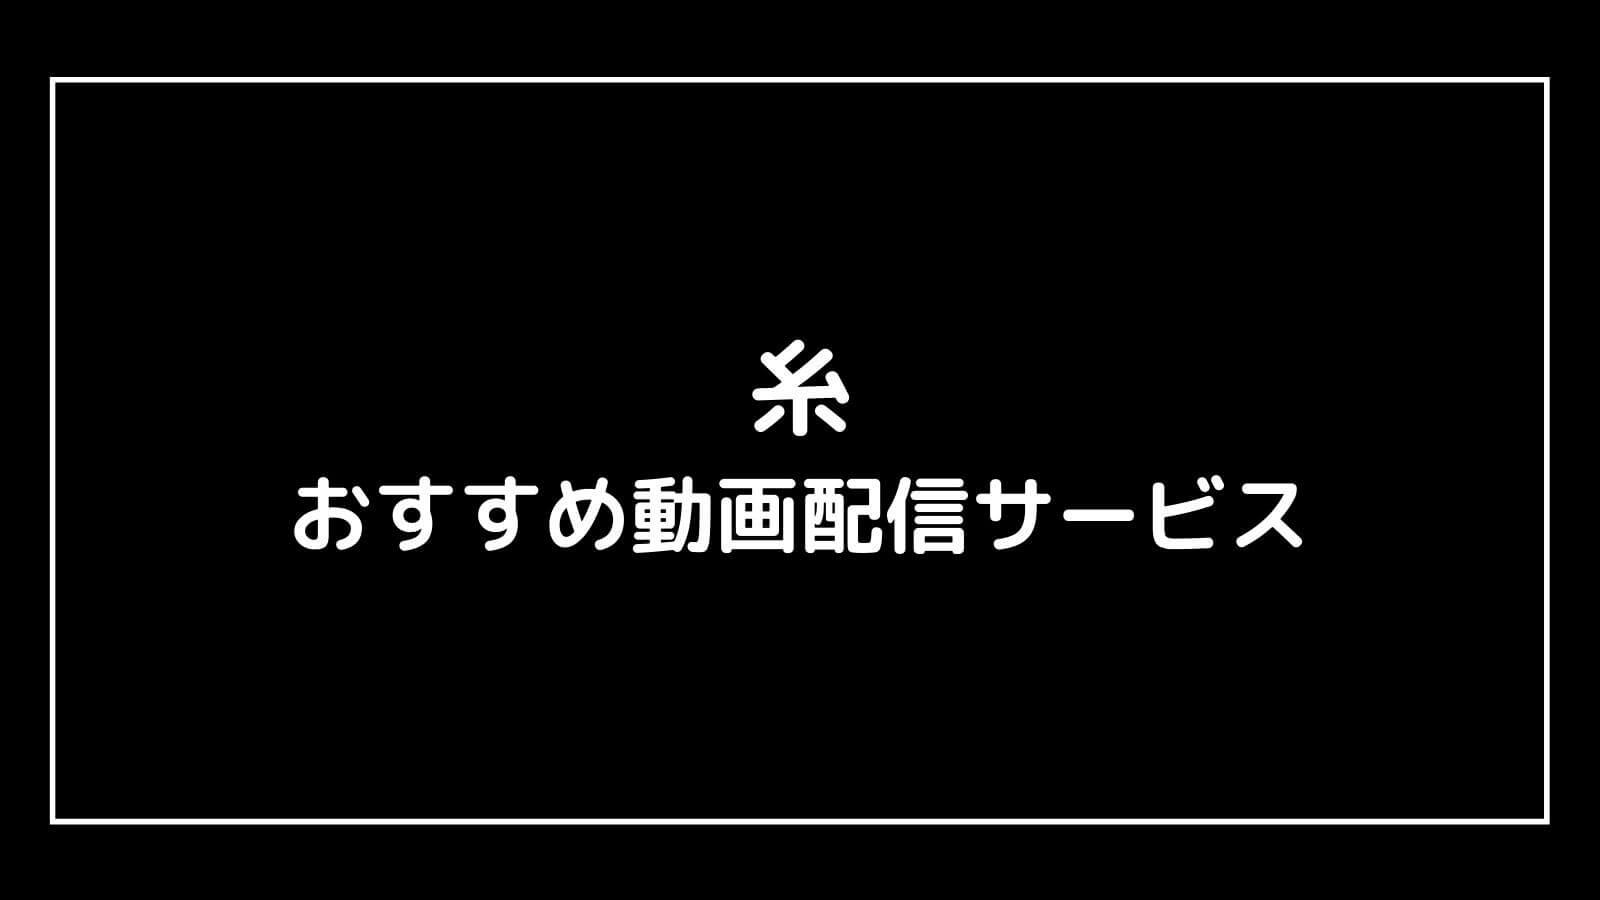 映画『糸』を無料視聴できる動画配信サービスは?【菅田将暉・小松菜奈】